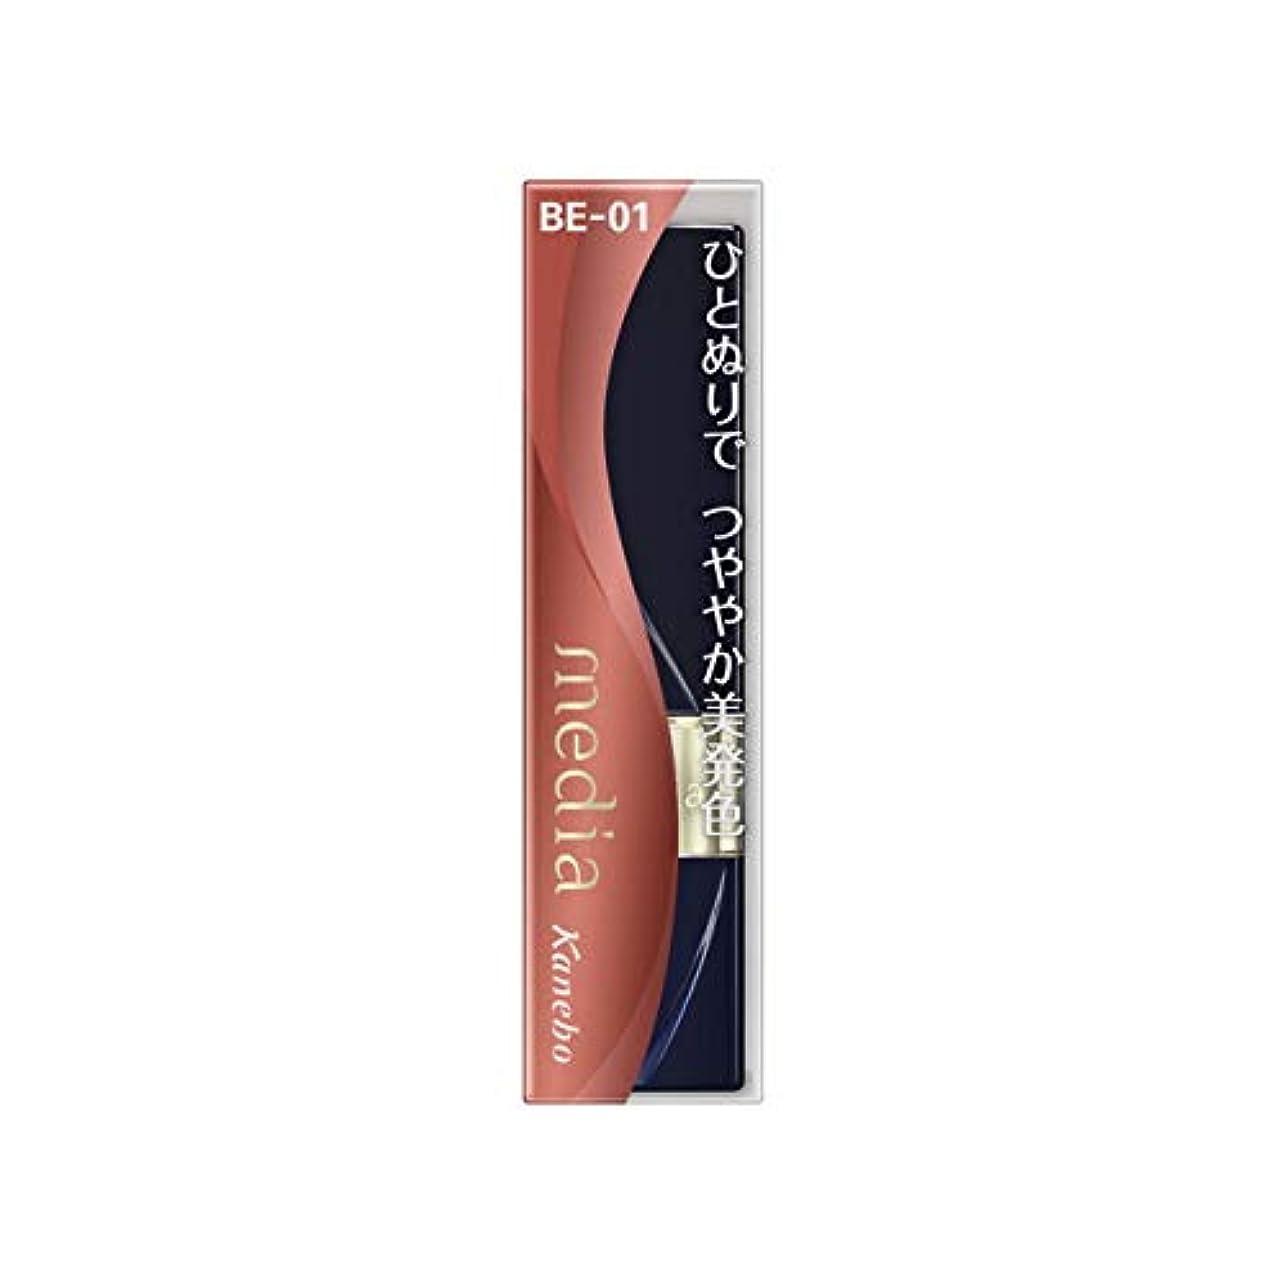 汚すエクスタシー砂カネボウ メディア ブライトアップルージュ BE-01(3.1g)